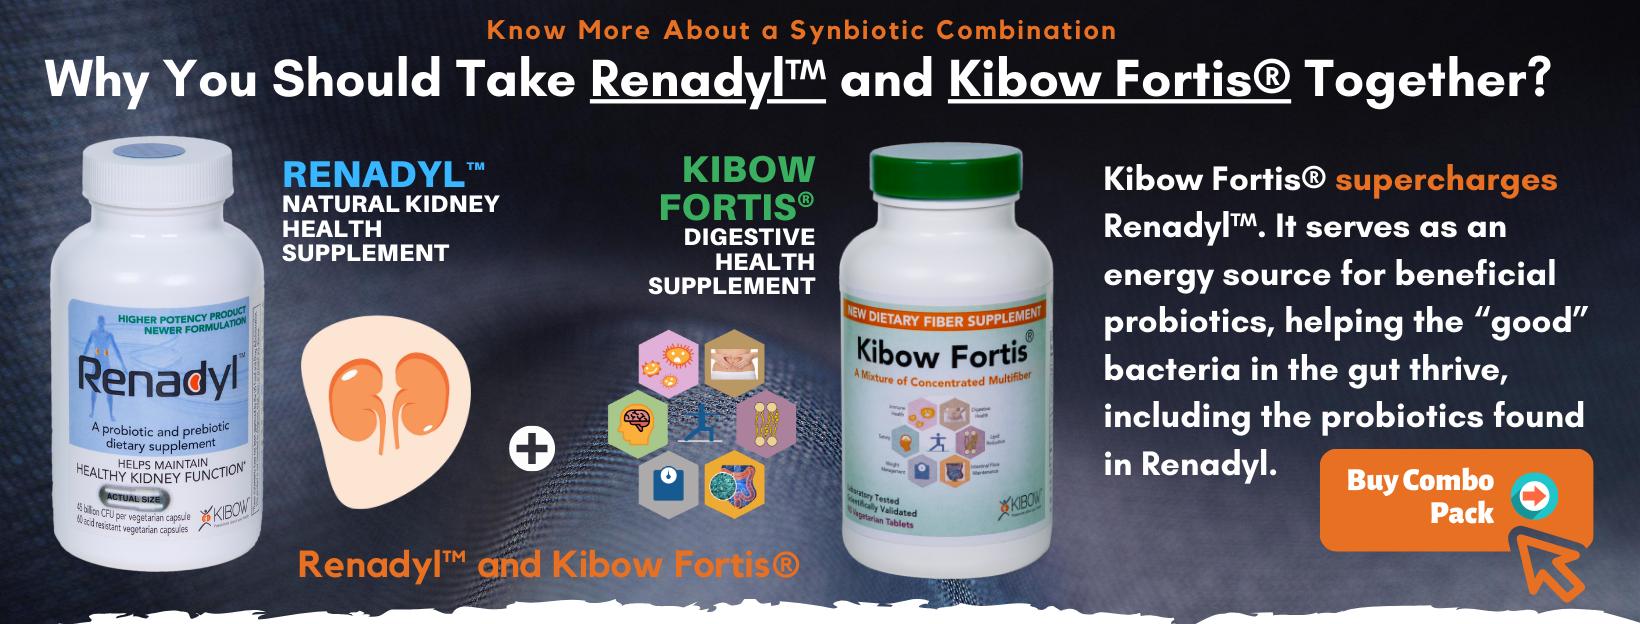 renadyl-kibowfortis-synbiotic-work-well-pdp-v1.0.png